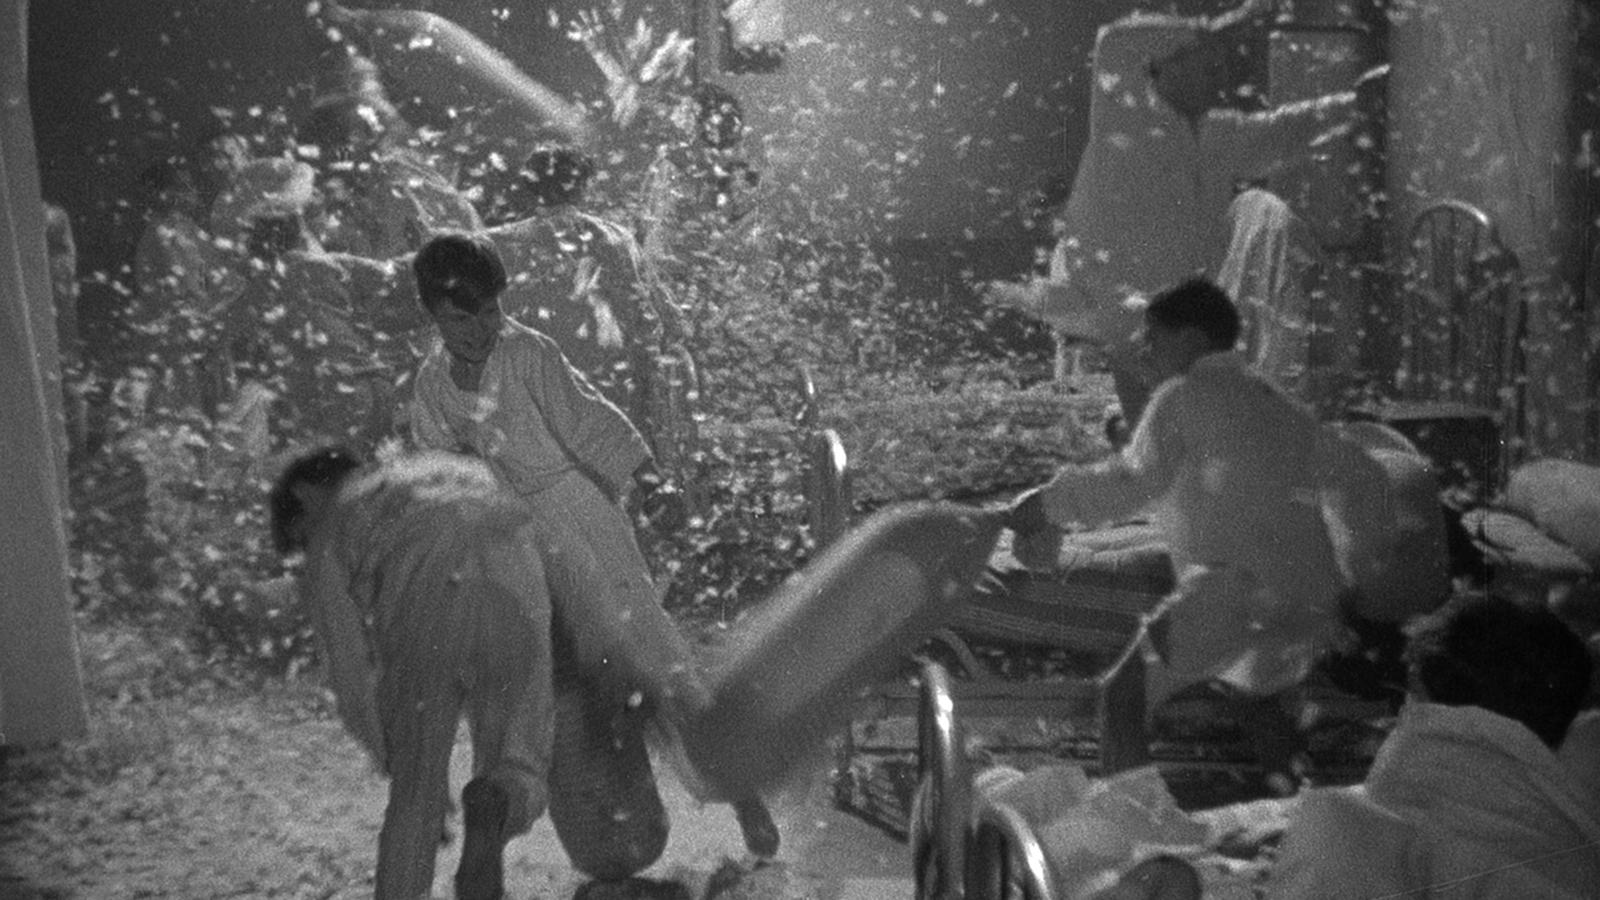 """Ce photogramme du """"Zéro de conduite"""" de Jean Vigo a été ajouté au texte par l'équipe de L'Autre Quotidien."""